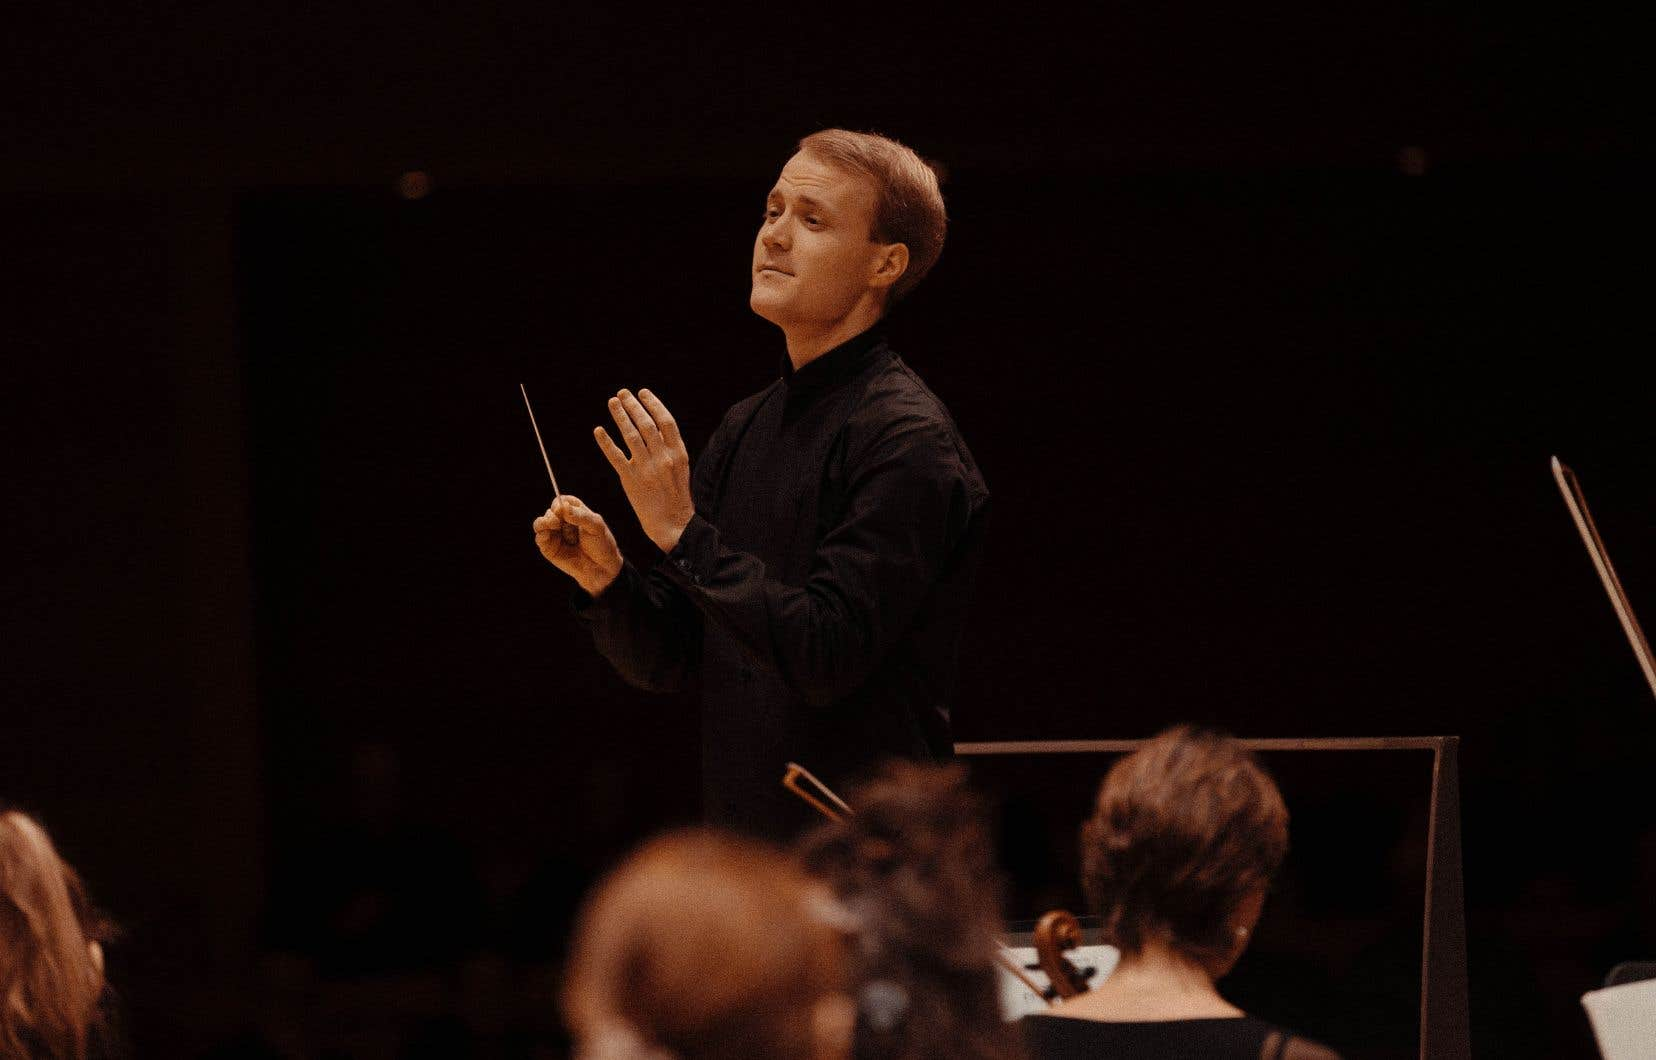 Le violoniste Christoph Koncz n'a pas besoin de prouver son ascendant de chef: il l'est naturellement et, en la matière, la sobriété est toujours le meilleur choix.